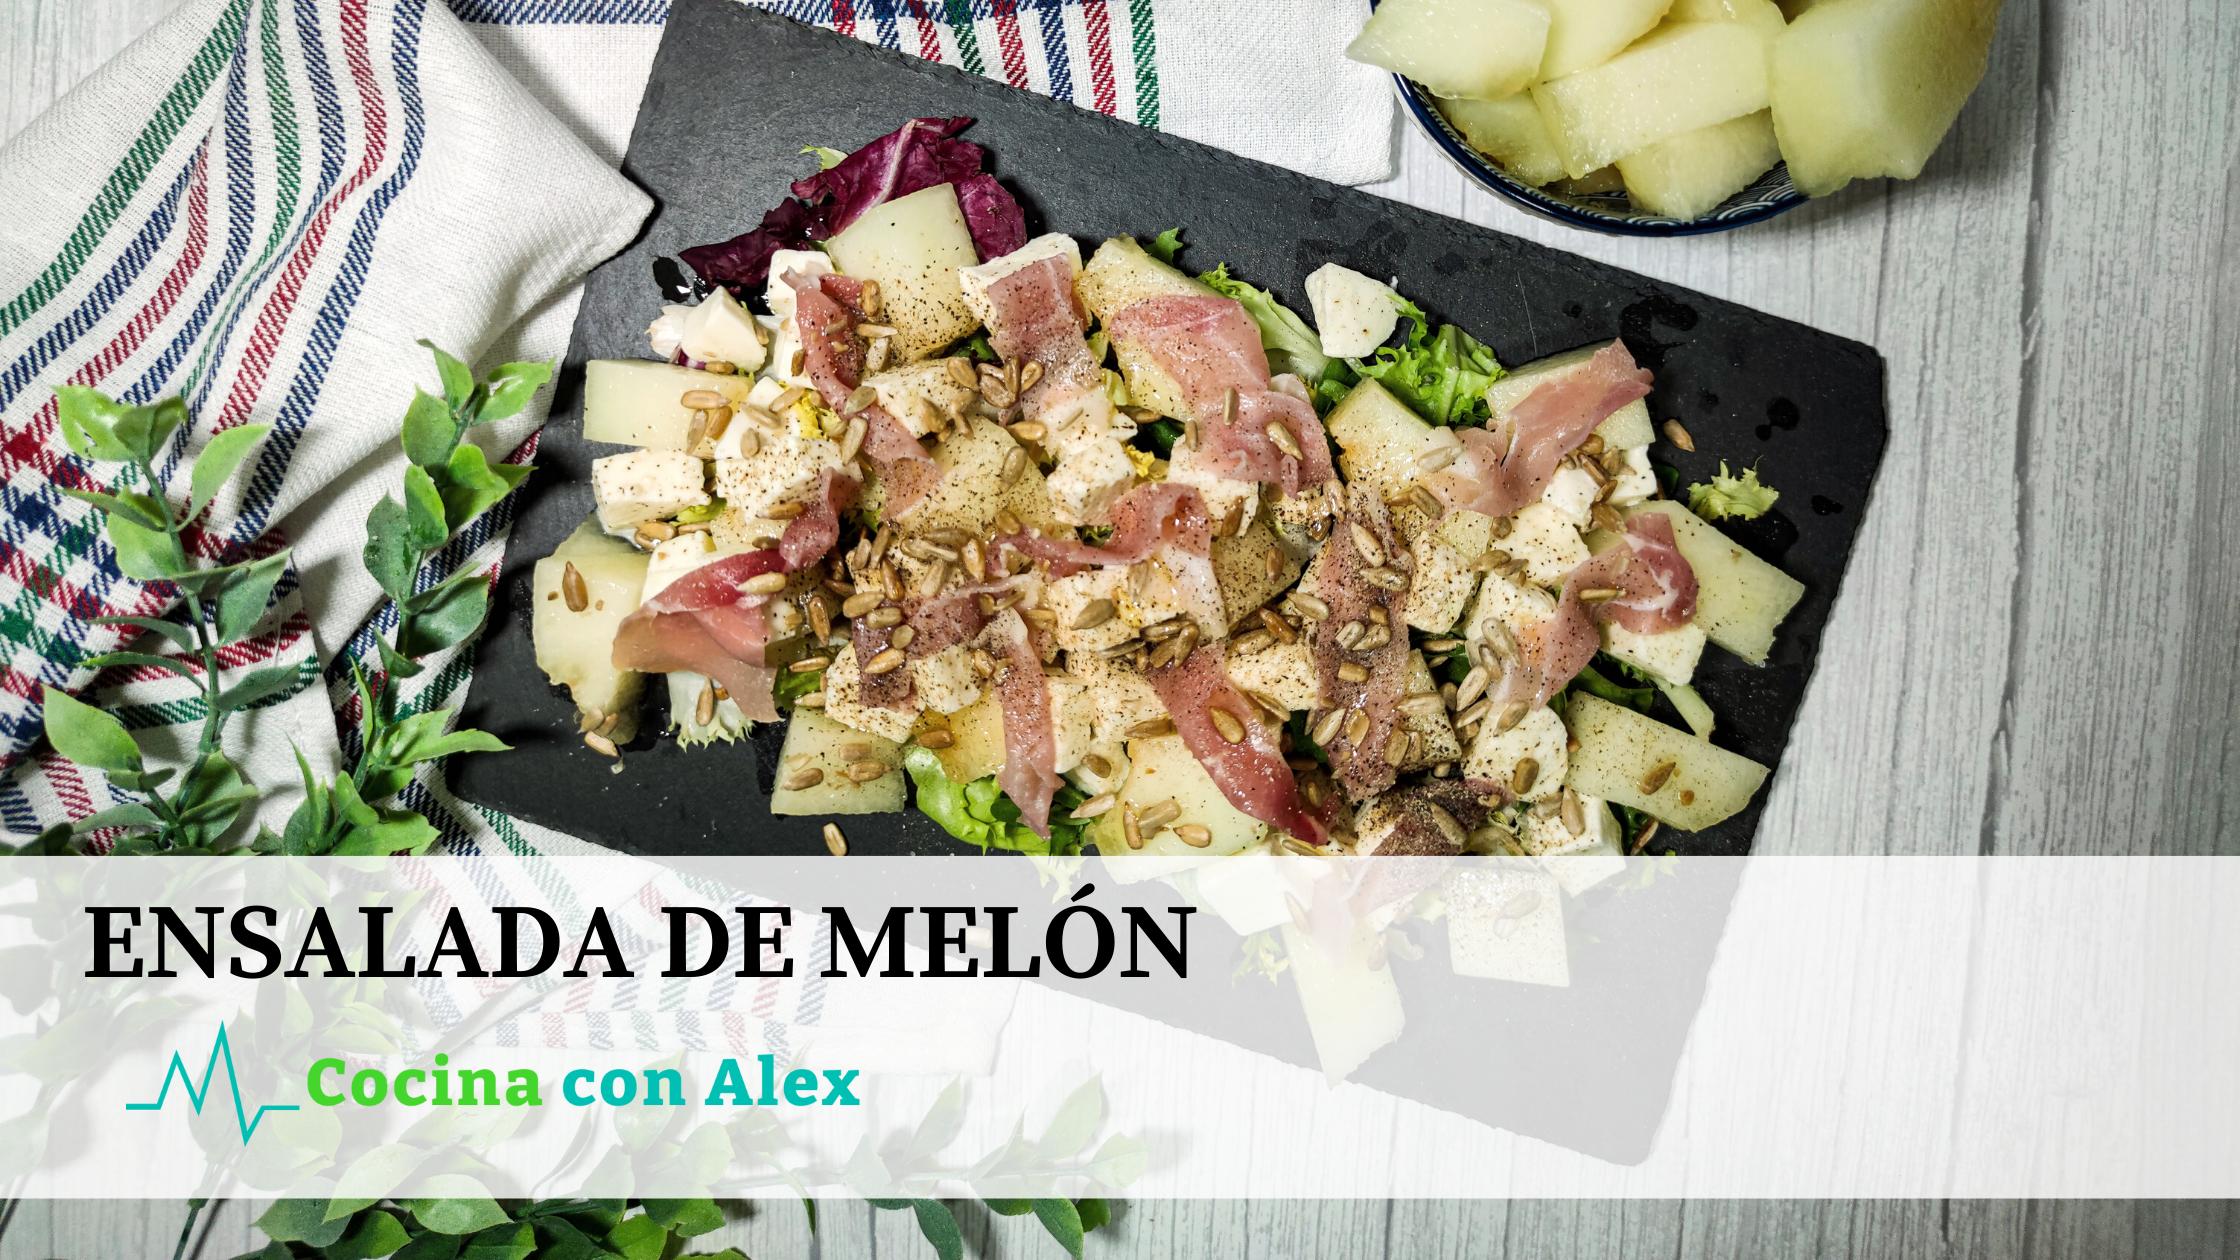 Ensalada de Melón Alex Arroyo Fit. Receta sana y fresca, perfecta para cuidar la línea y bajar de peso